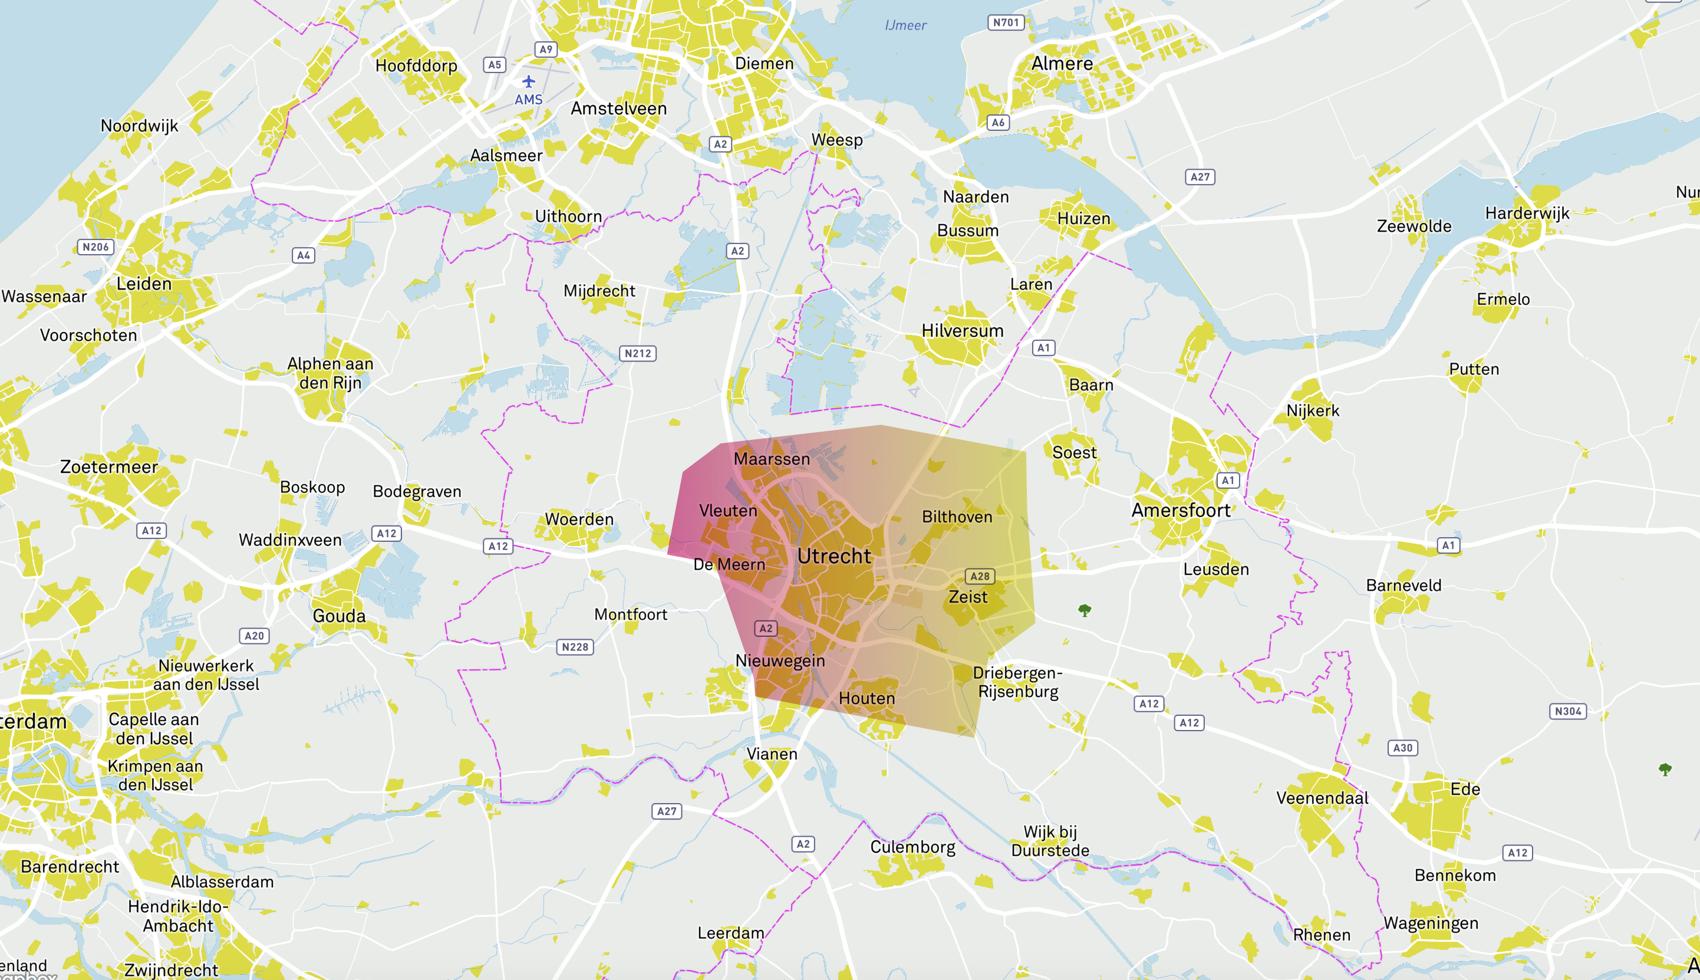 Onderzoeksgebied Utrecht voor de beide onderzoeksprojecten van Warmtebron Utrecht